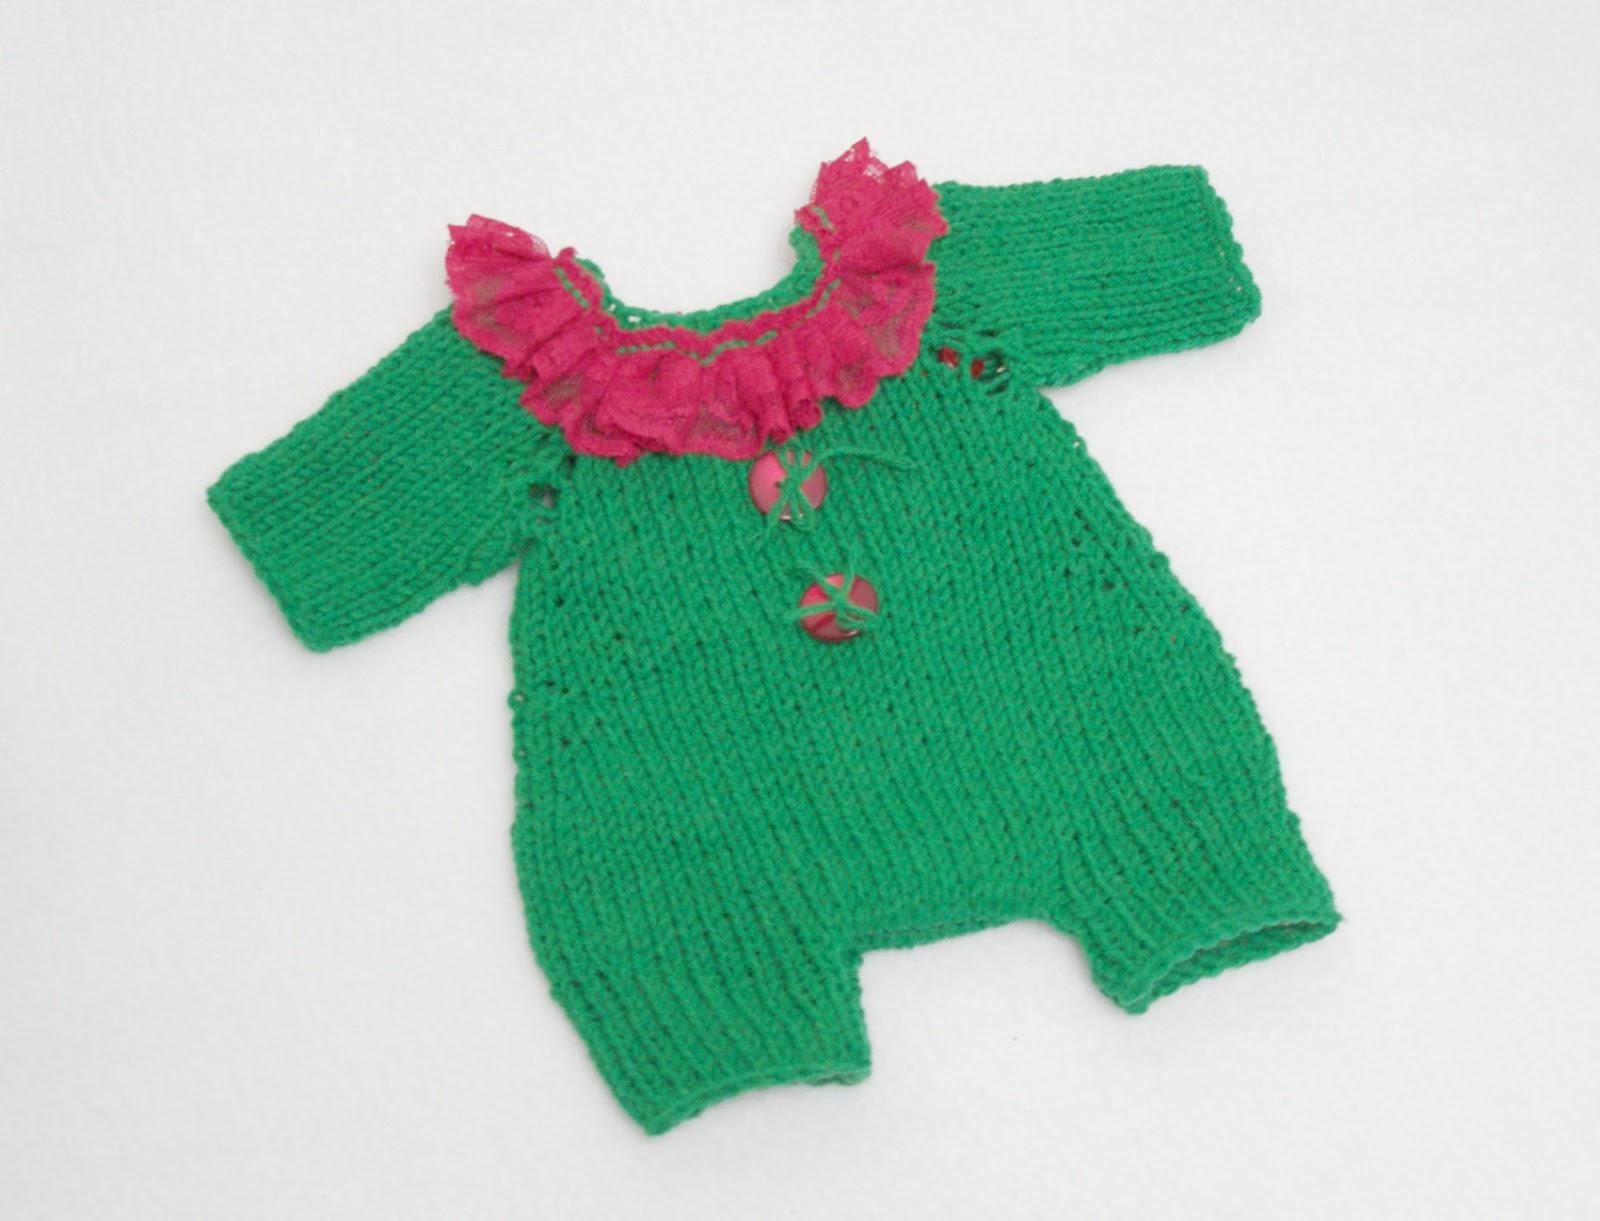 связать платье для куклы беби берн крючком схема и описание для